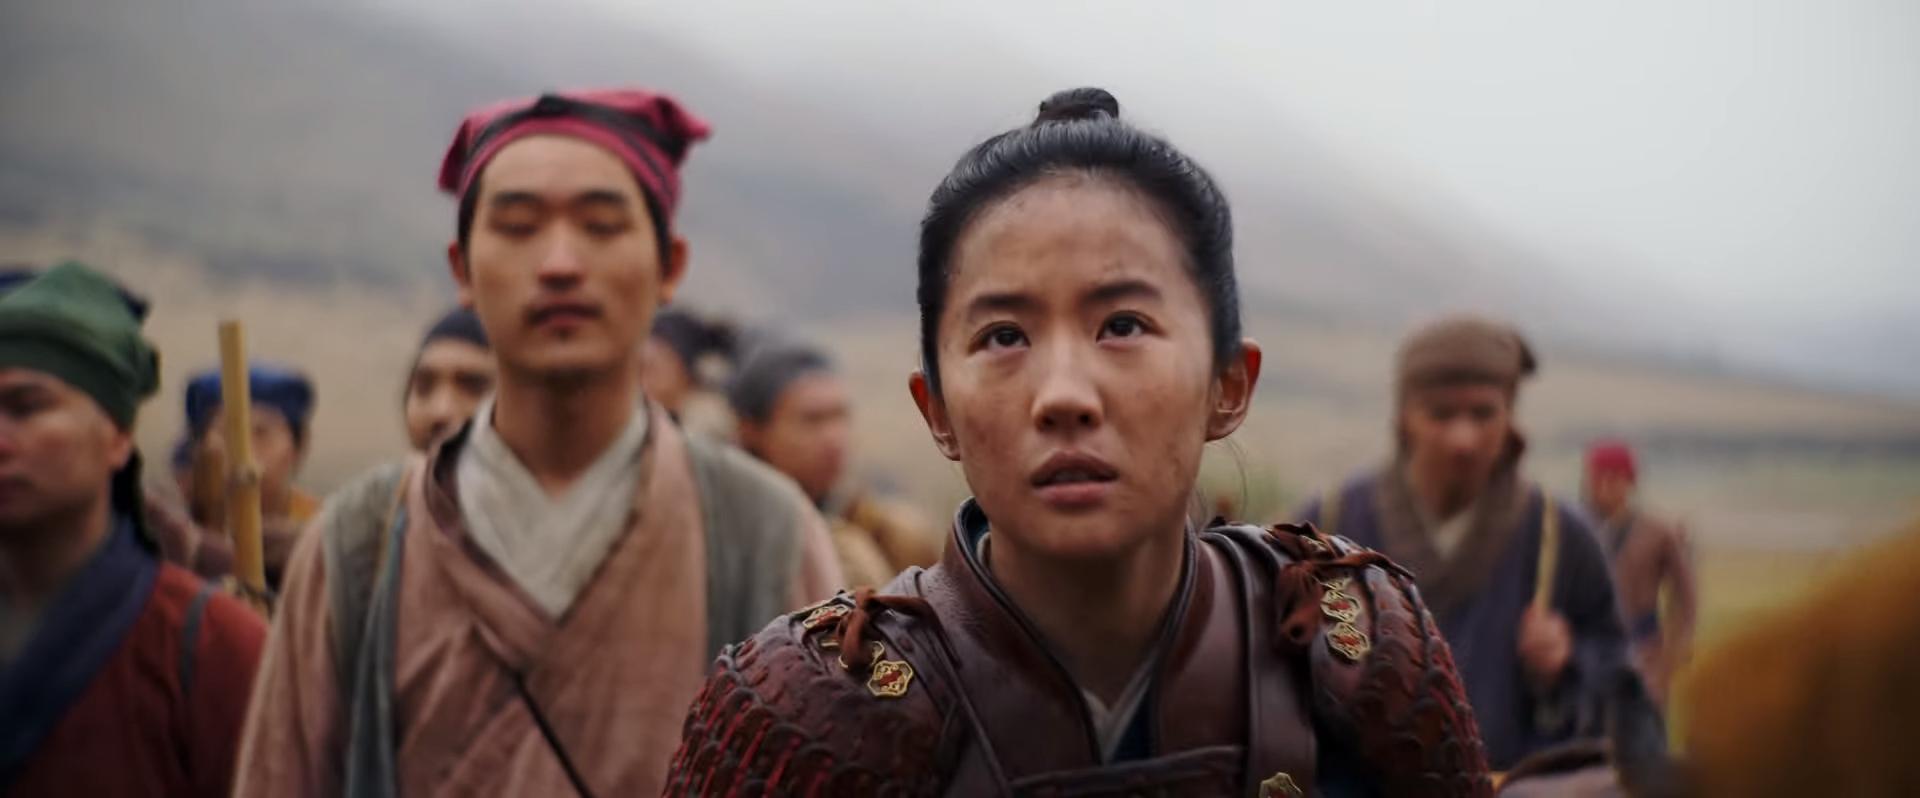 Mulan - zdjęcia ze zwiastuna filmu Disneya. Zobacz galerię